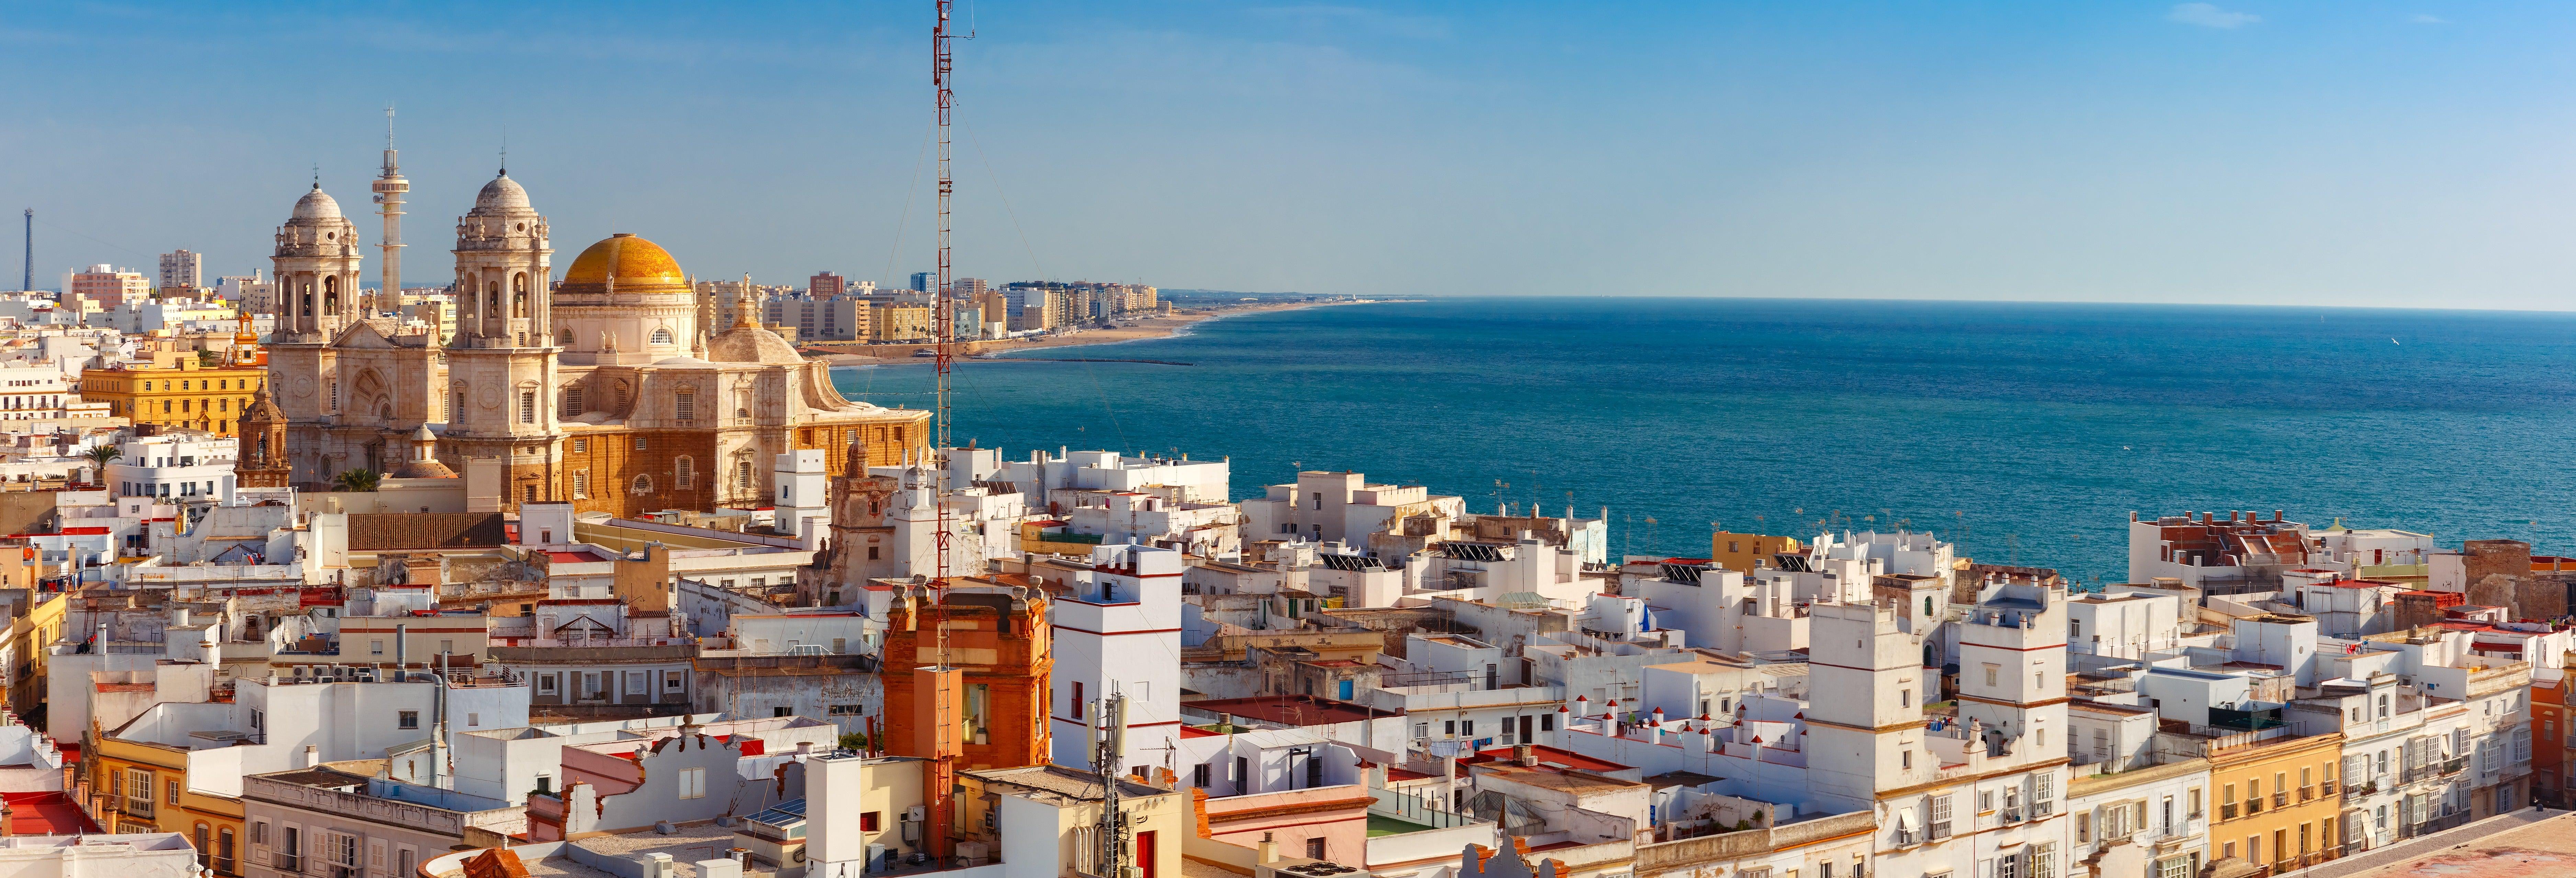 Visita guiada por Cádiz